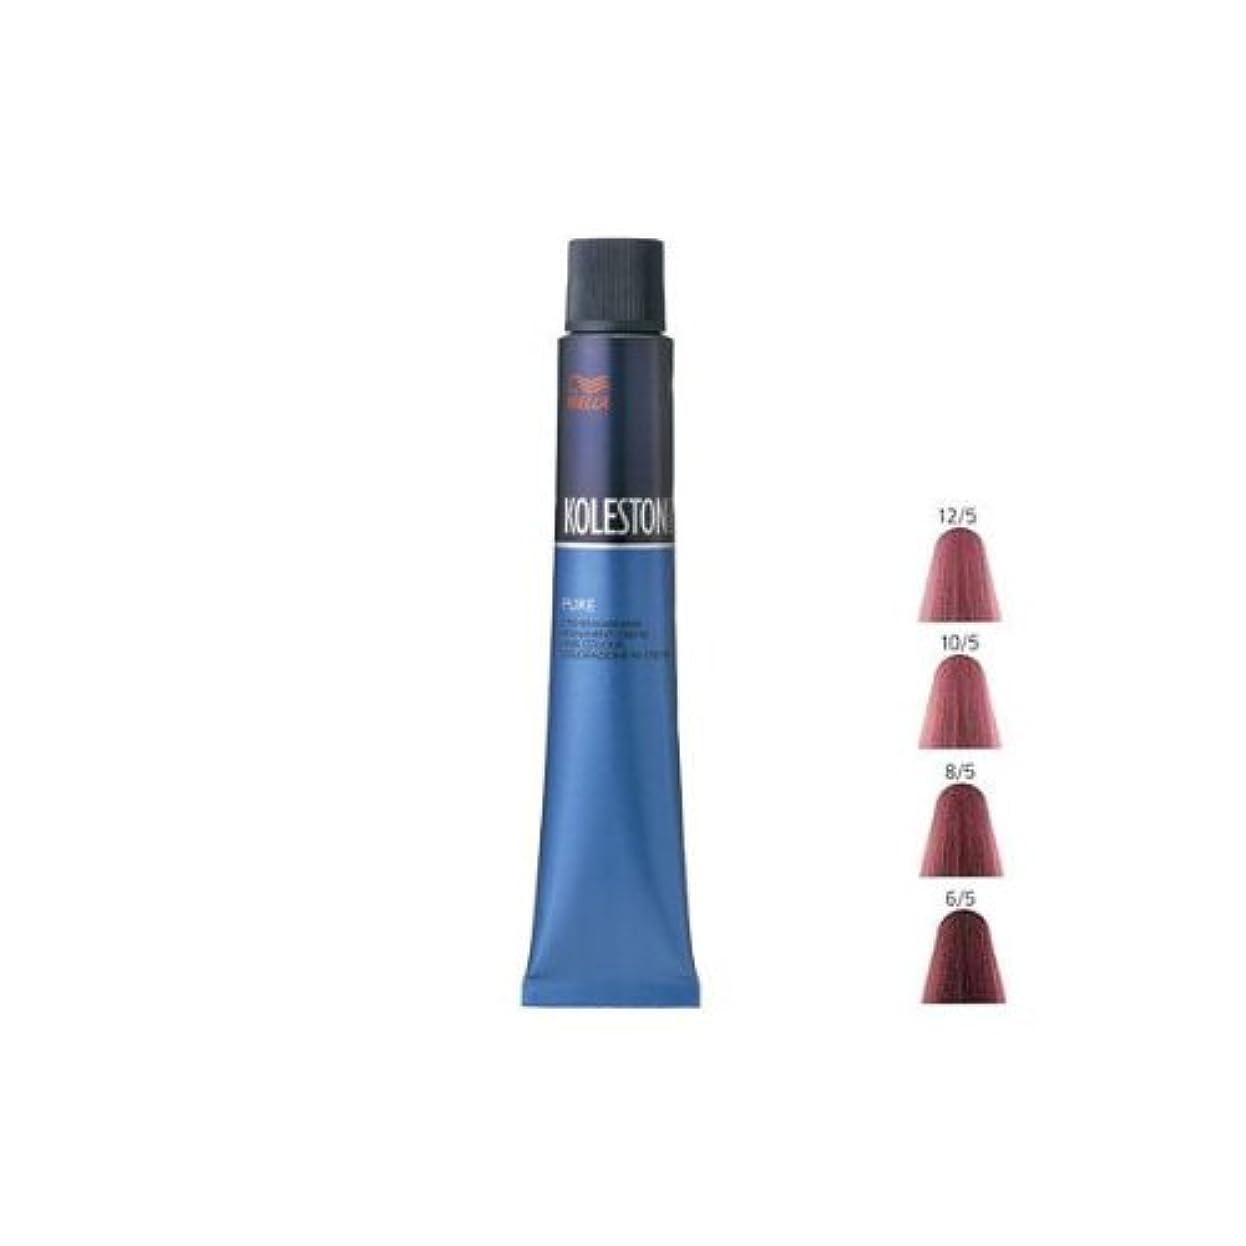 掃く疲労シーフードウエラ コレストン パーフェクト Pure[ローズ 5](1剤) 80g【WELLA】 (6/5)